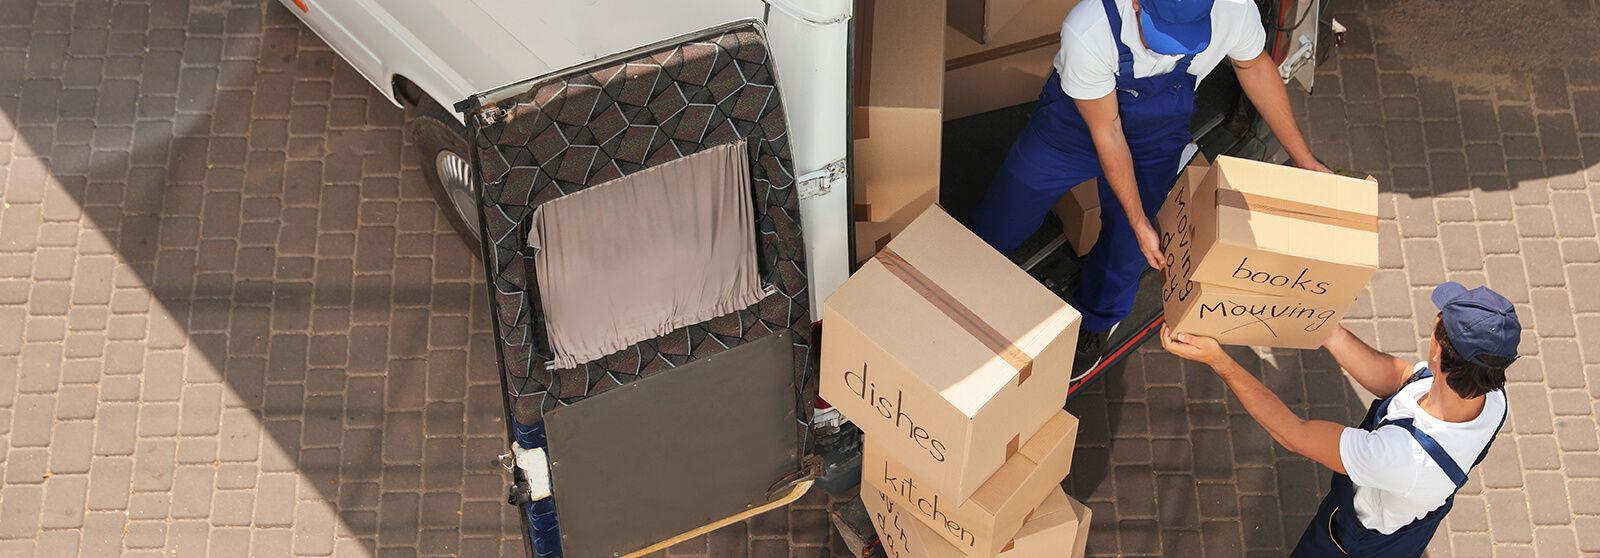 Mudanzas Hércules - Hombres bajando algunas cajas de mudanzas